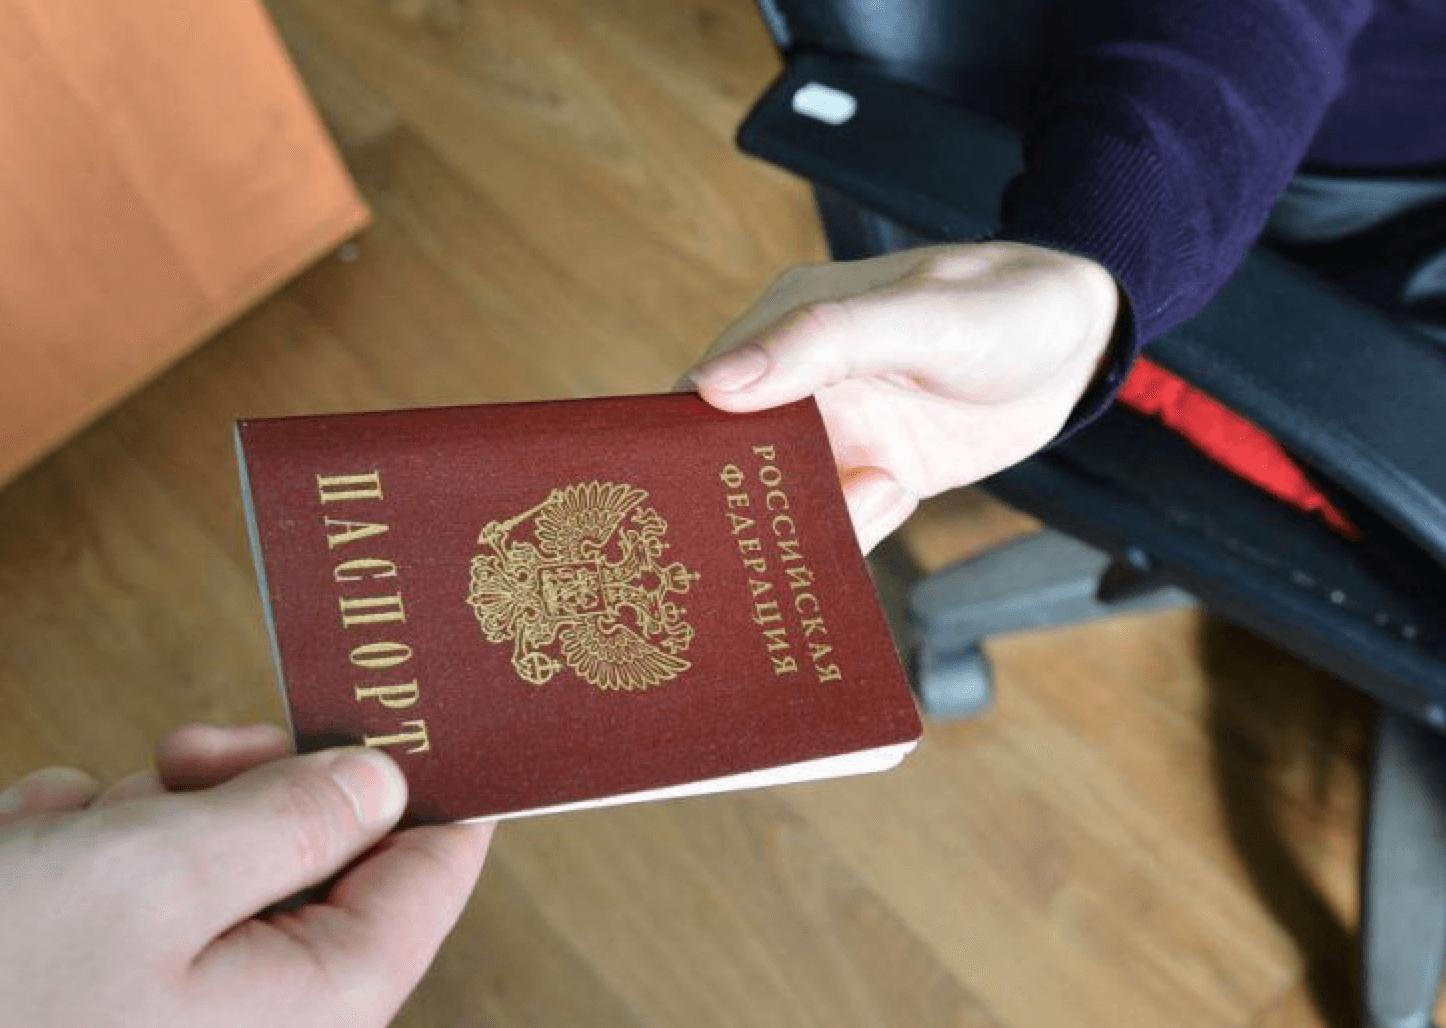 В долг на киви по паспорту